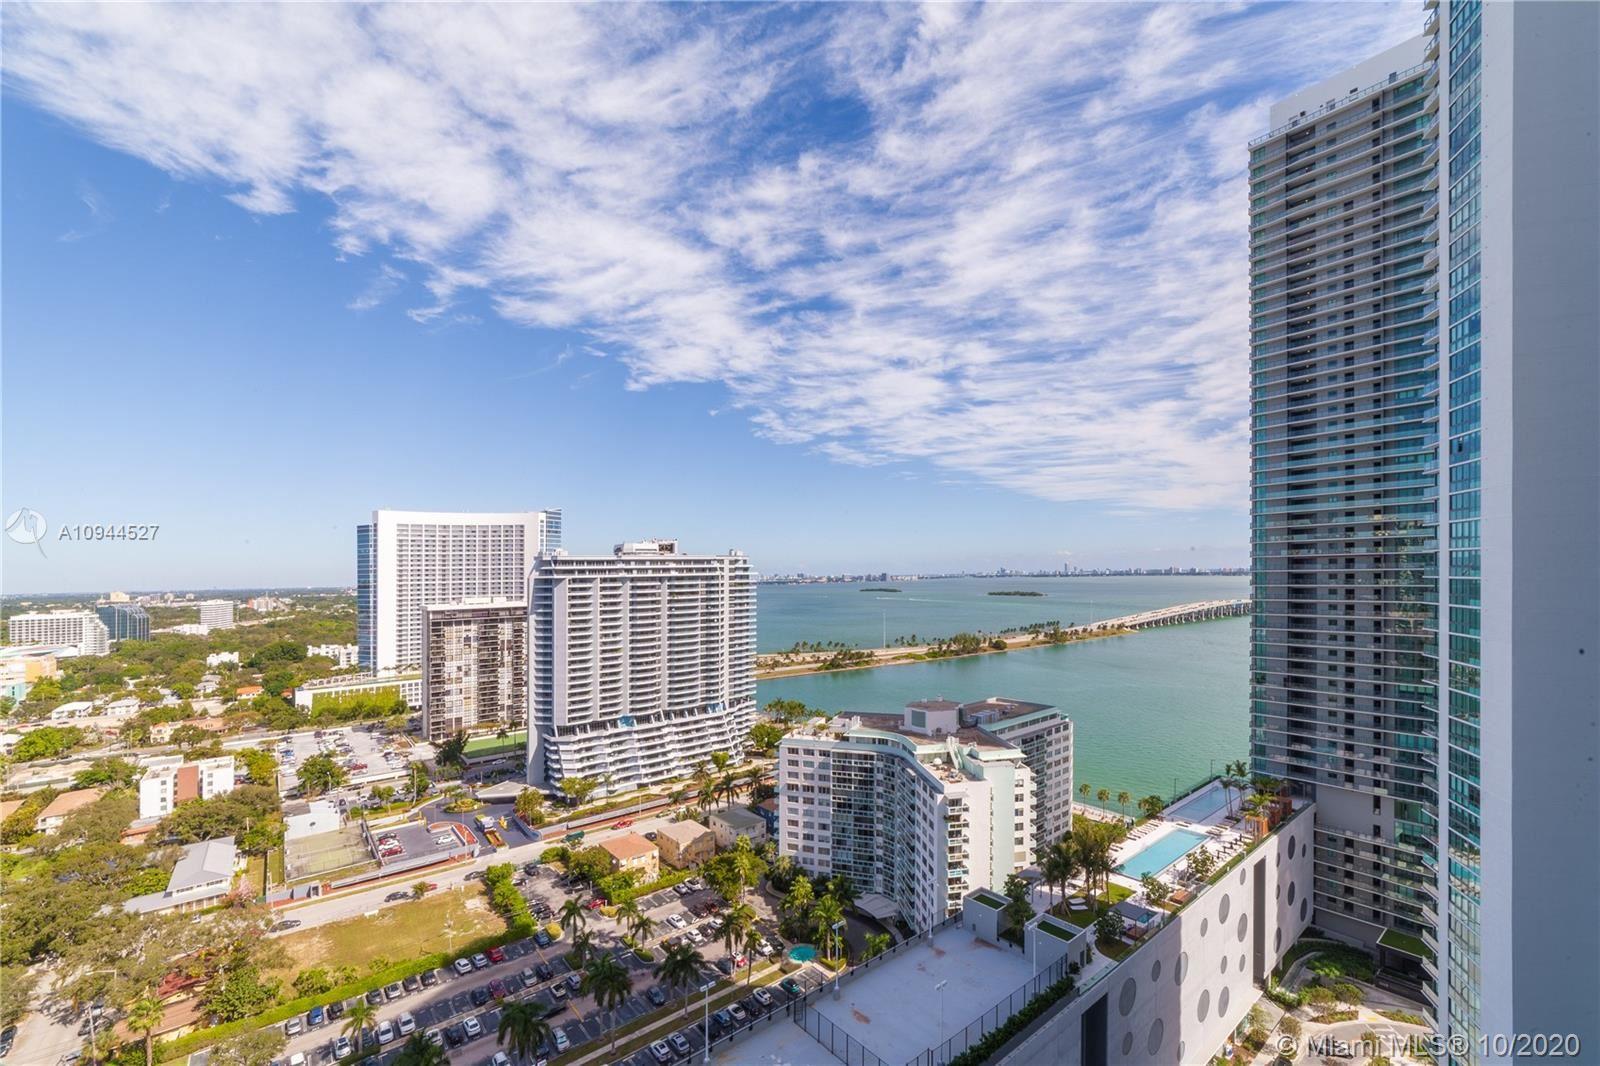 501 NE 31st St #2302, Miami, FL 33137 - #: A10944527